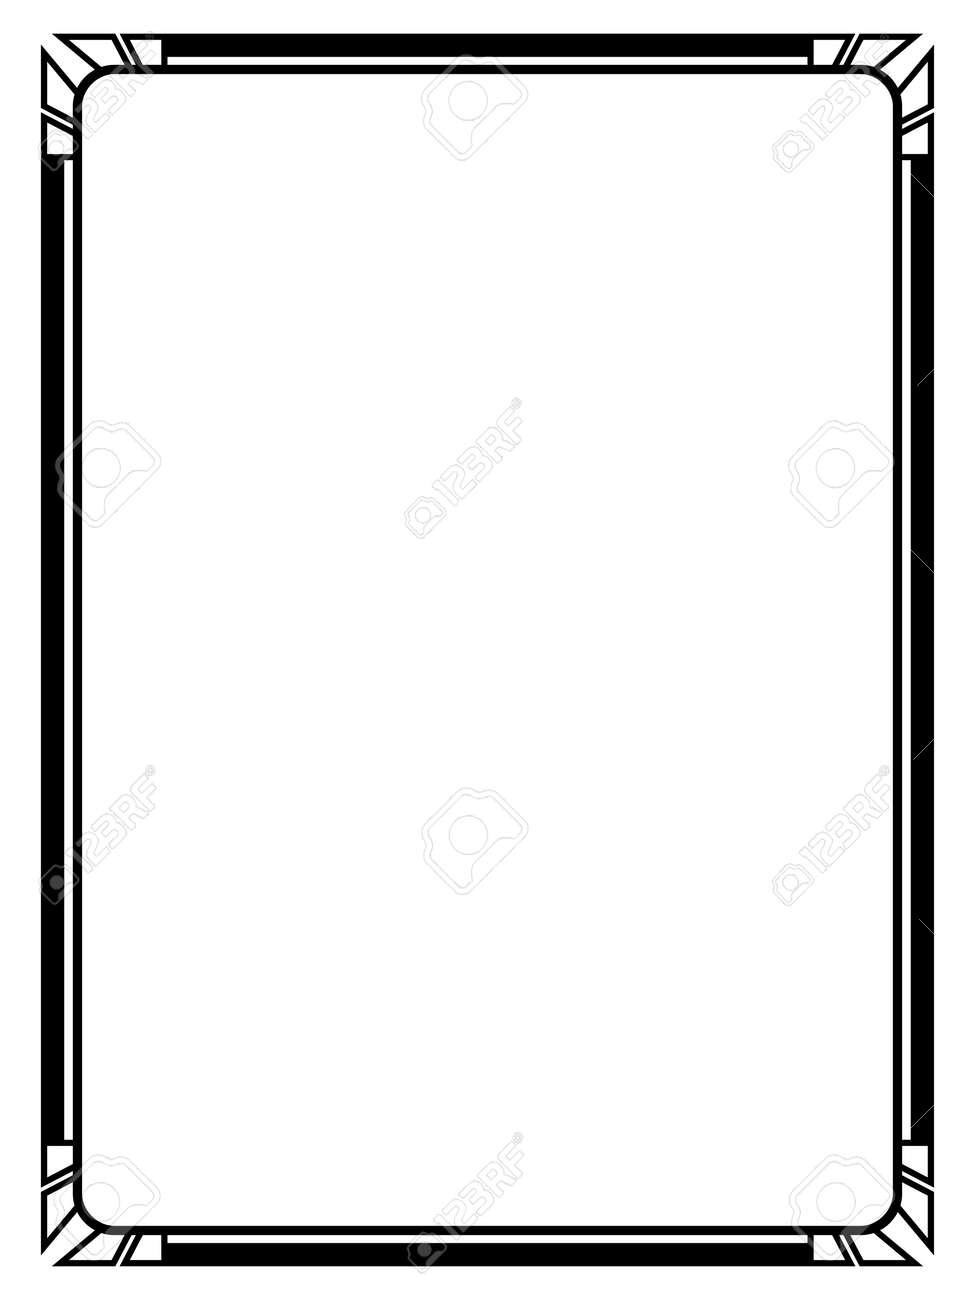 vector art deco black calligraph ornamental decorative frame rh 123rf com art deco vector art deco vector art free